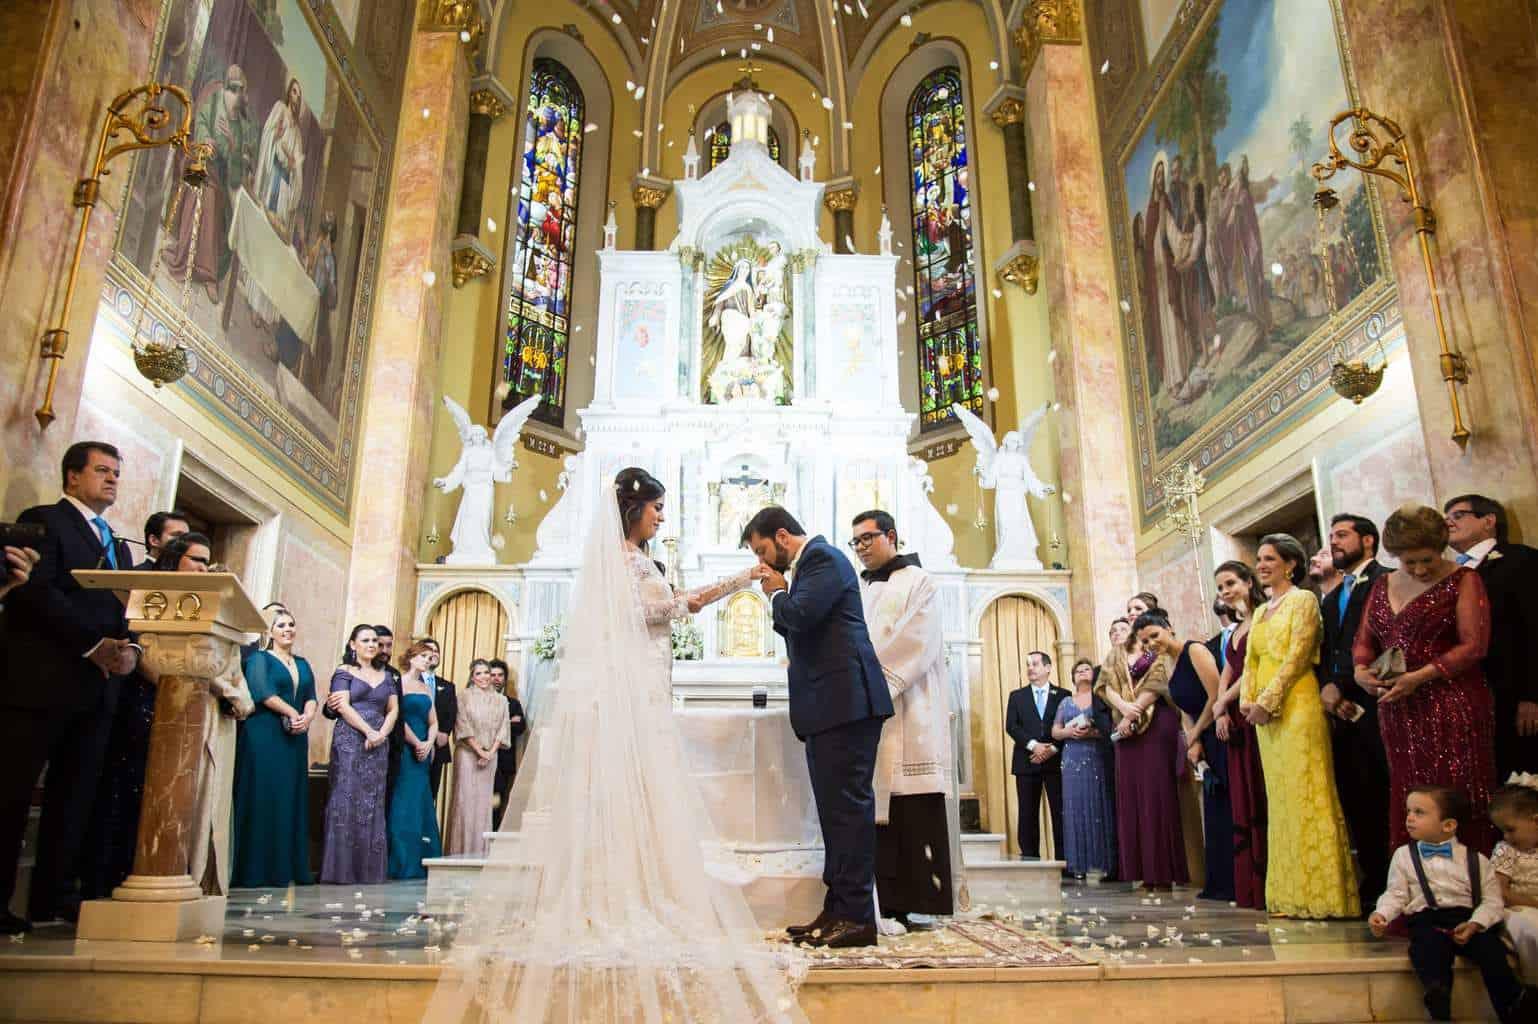 casamento-fernanda-e-leandro-casamento-sp-Fotografia-Produtora-7-casamento-clássico-casamento-tradicional-wedding-21